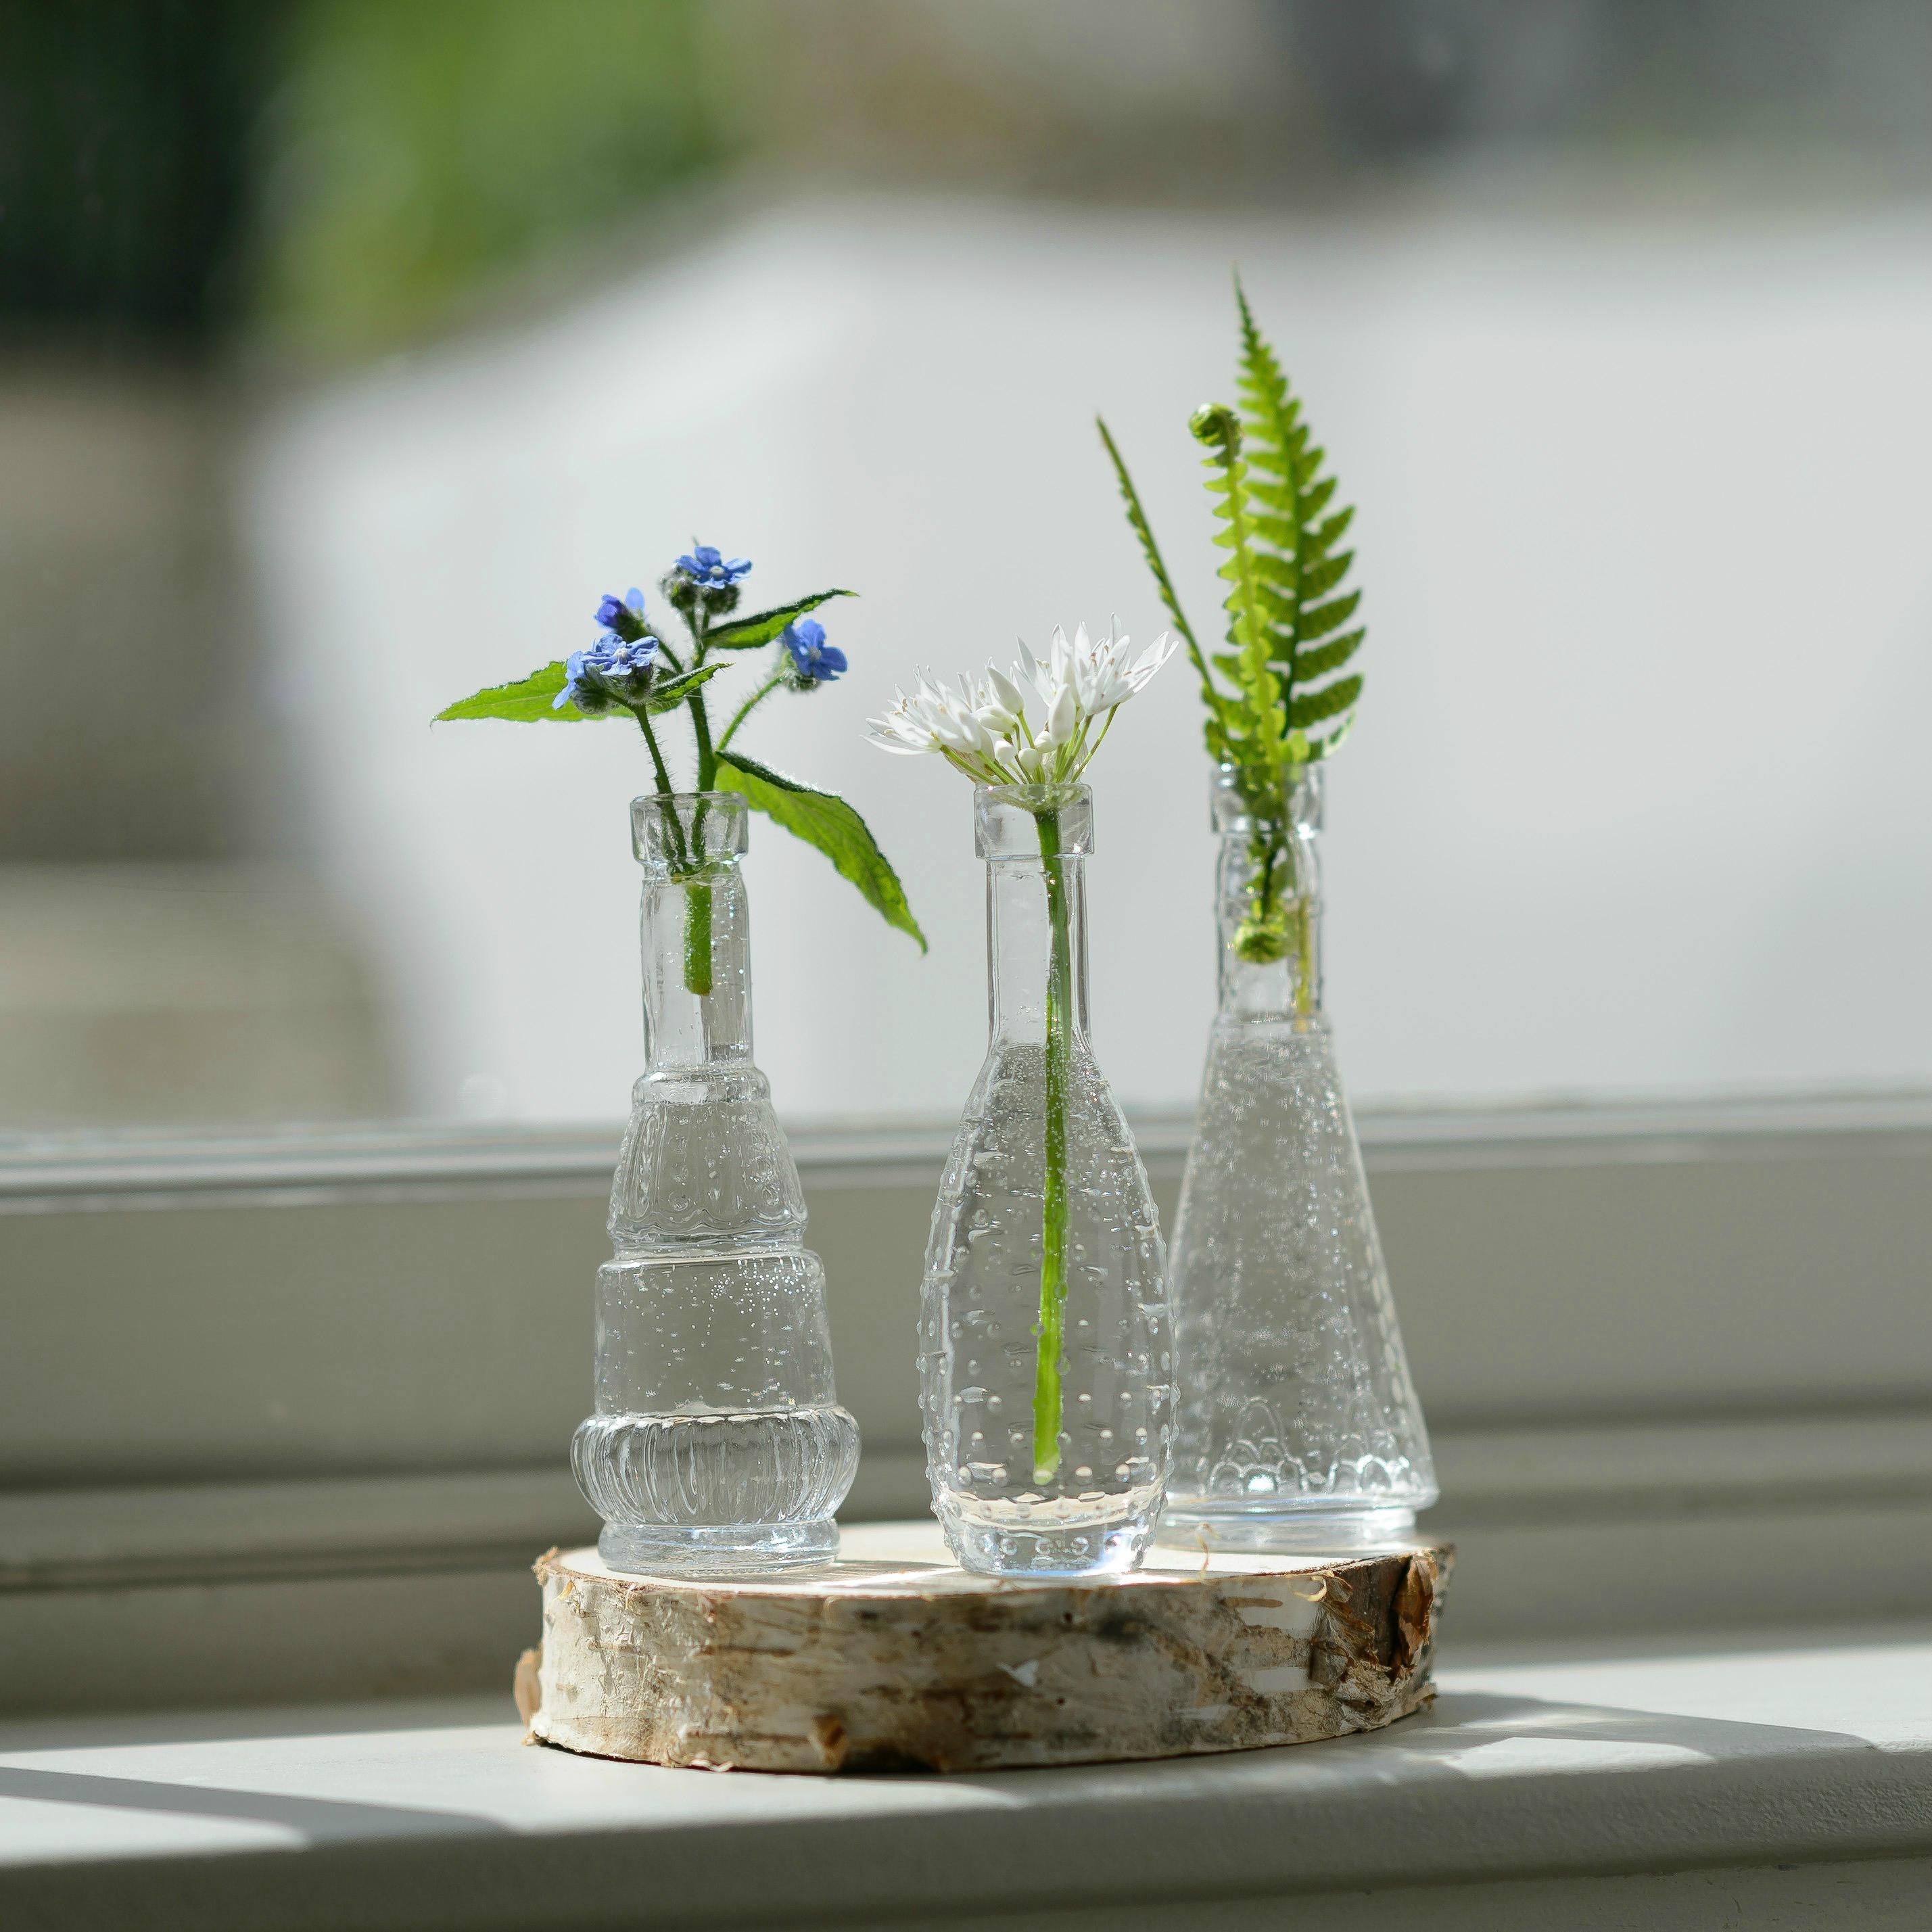 tiny bud vases of tiny bud vase www topsimages com inside bud vase french style mini glass flower vases flower studio shop jpg 2857x2857 tiny bud vase